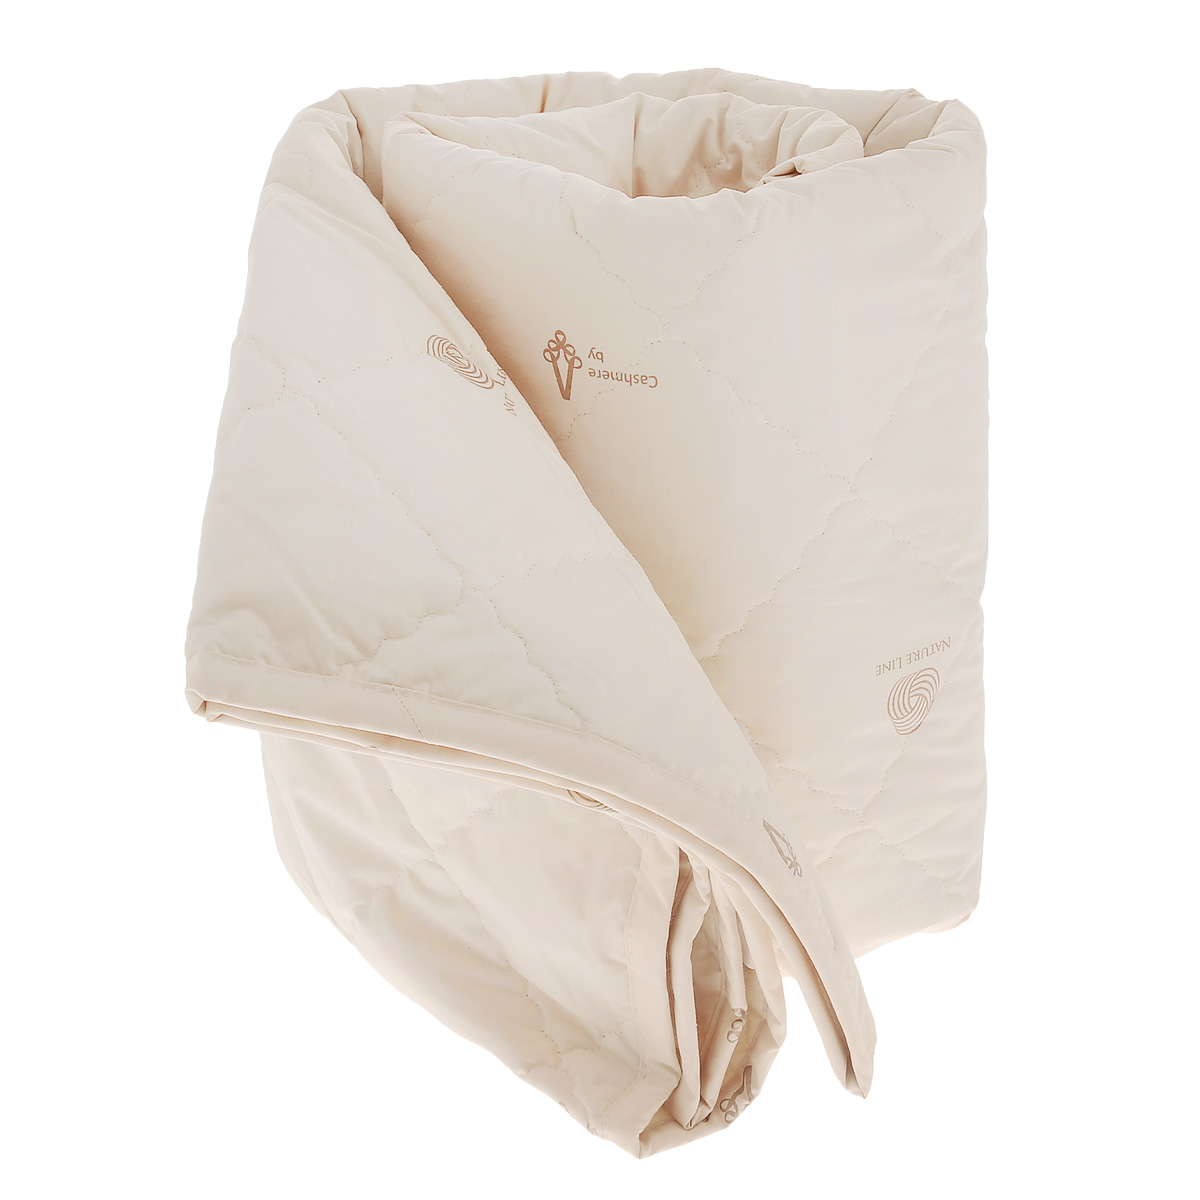 Одеяло La Prima Кашемир, наполнитель: кашемир, полиэфирное волокно, цвет: светло-бежевый, 140 х 205 см la prima la prima одеяло бамбук всесезонное цвет бежевый 140х205 см